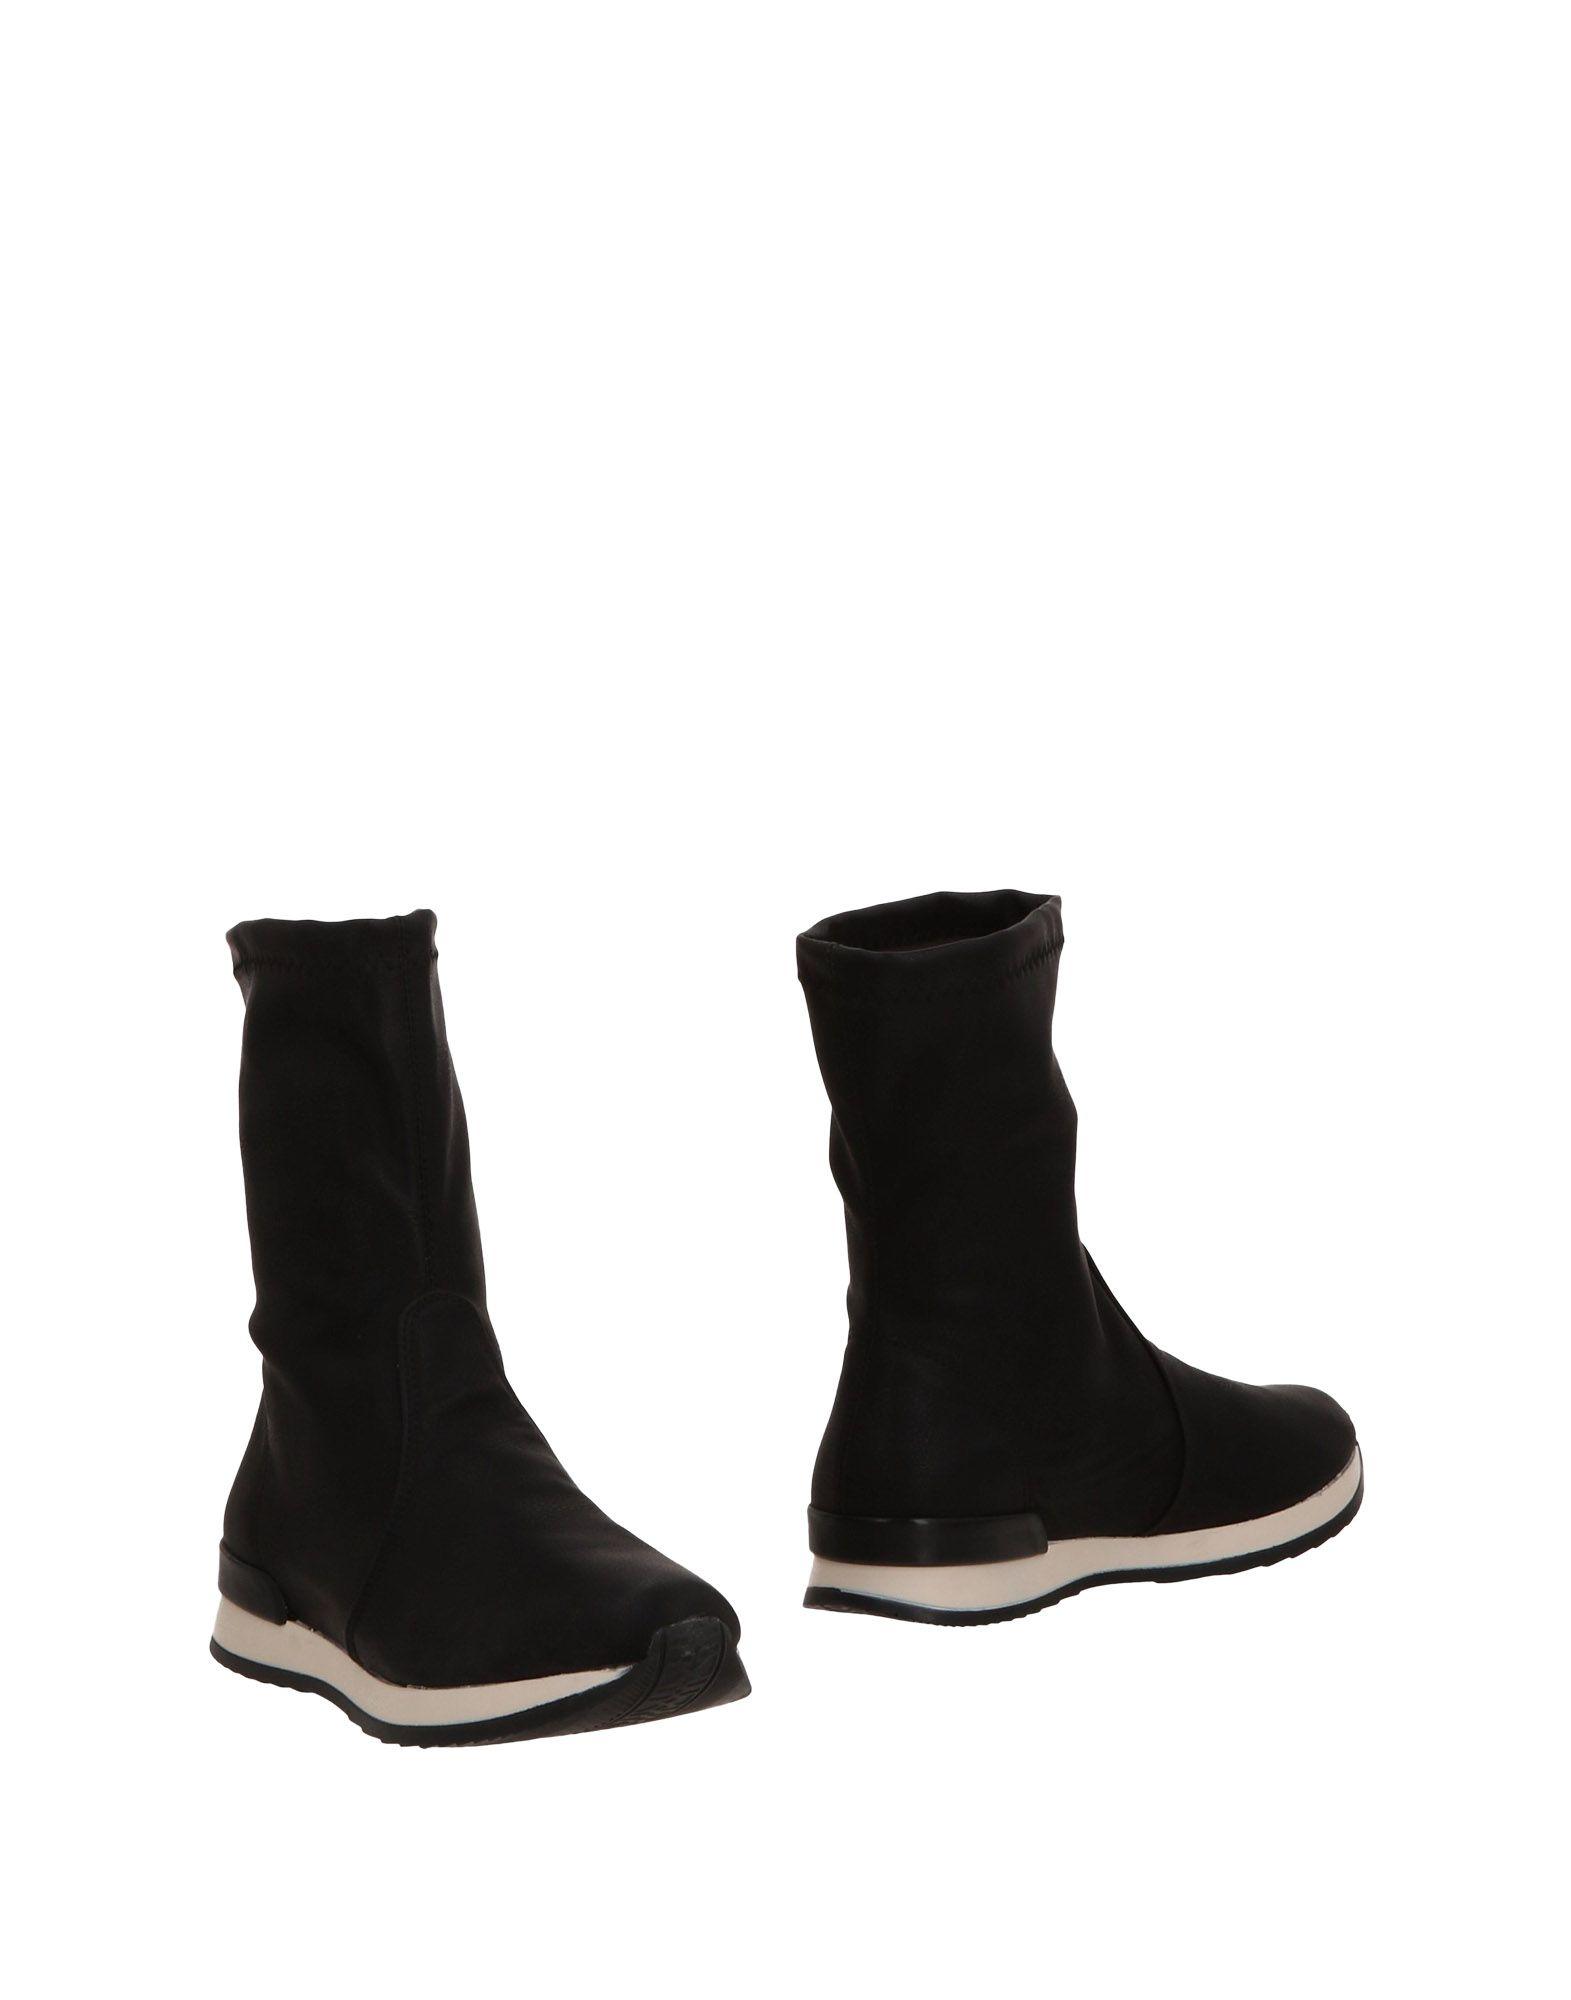 Nr Rapisardi Stiefelette Damen  11481999LN Gute Qualität beliebte Schuhe